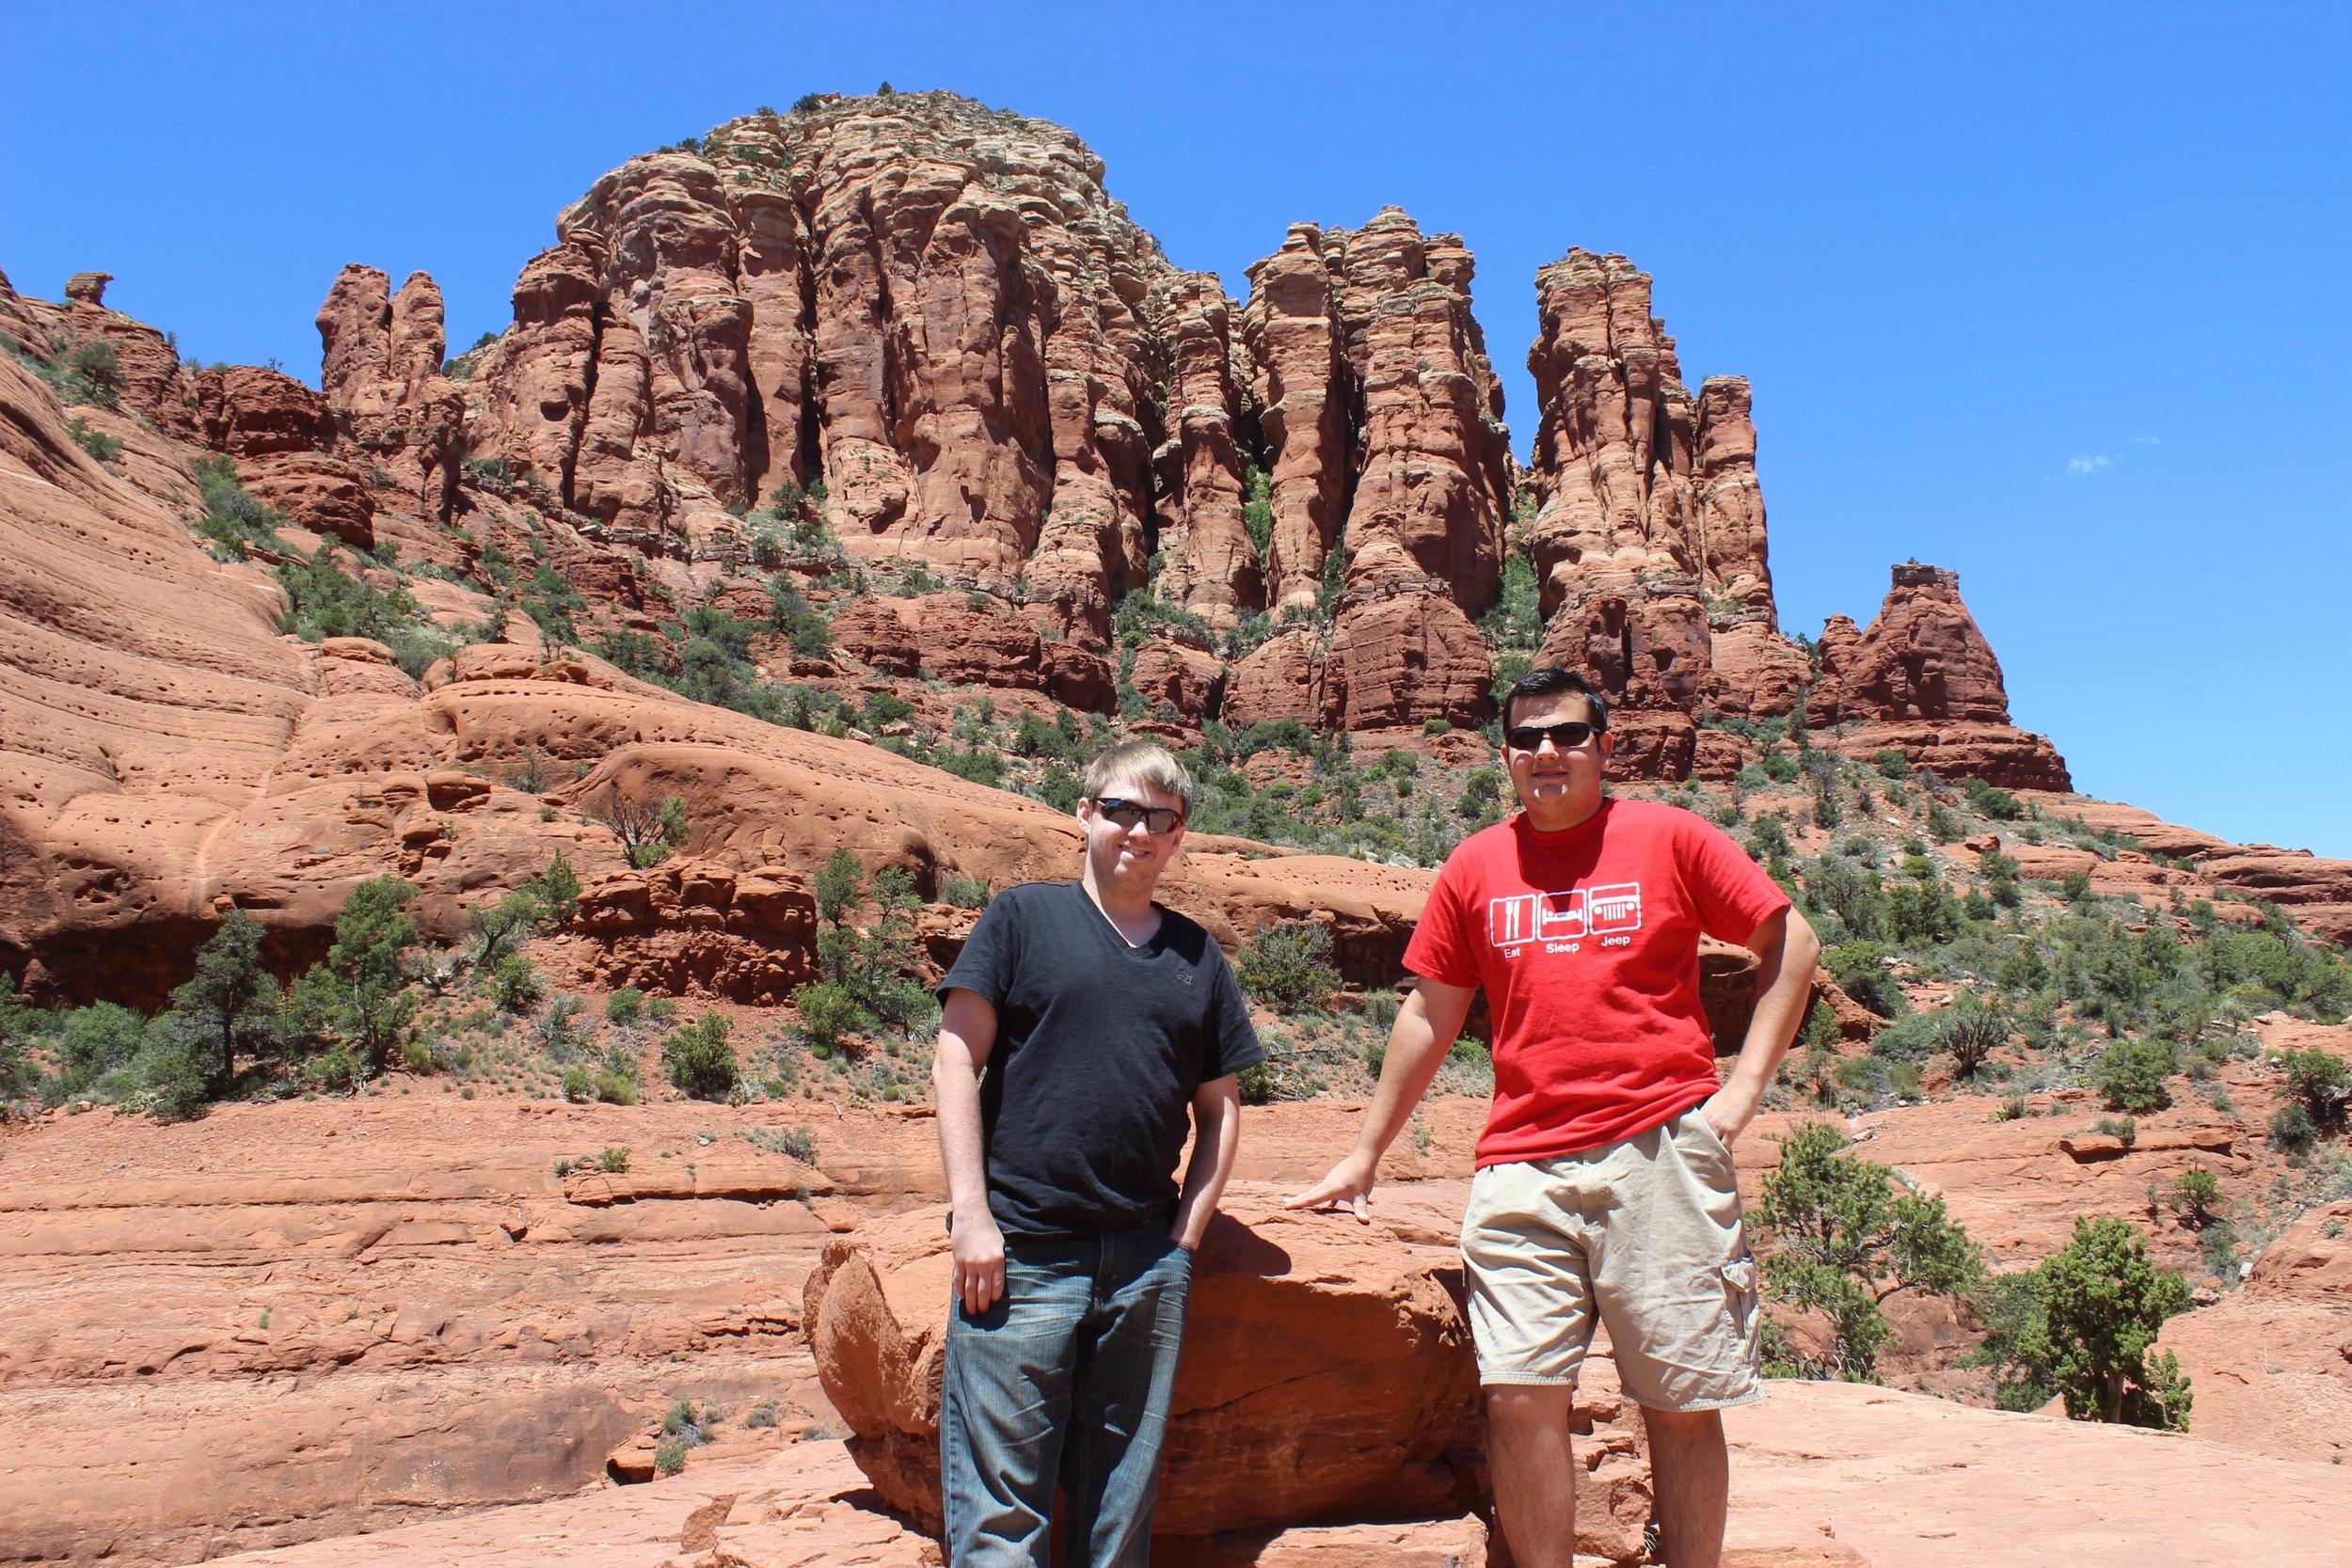 Daniel & Scotty at Chicken Point